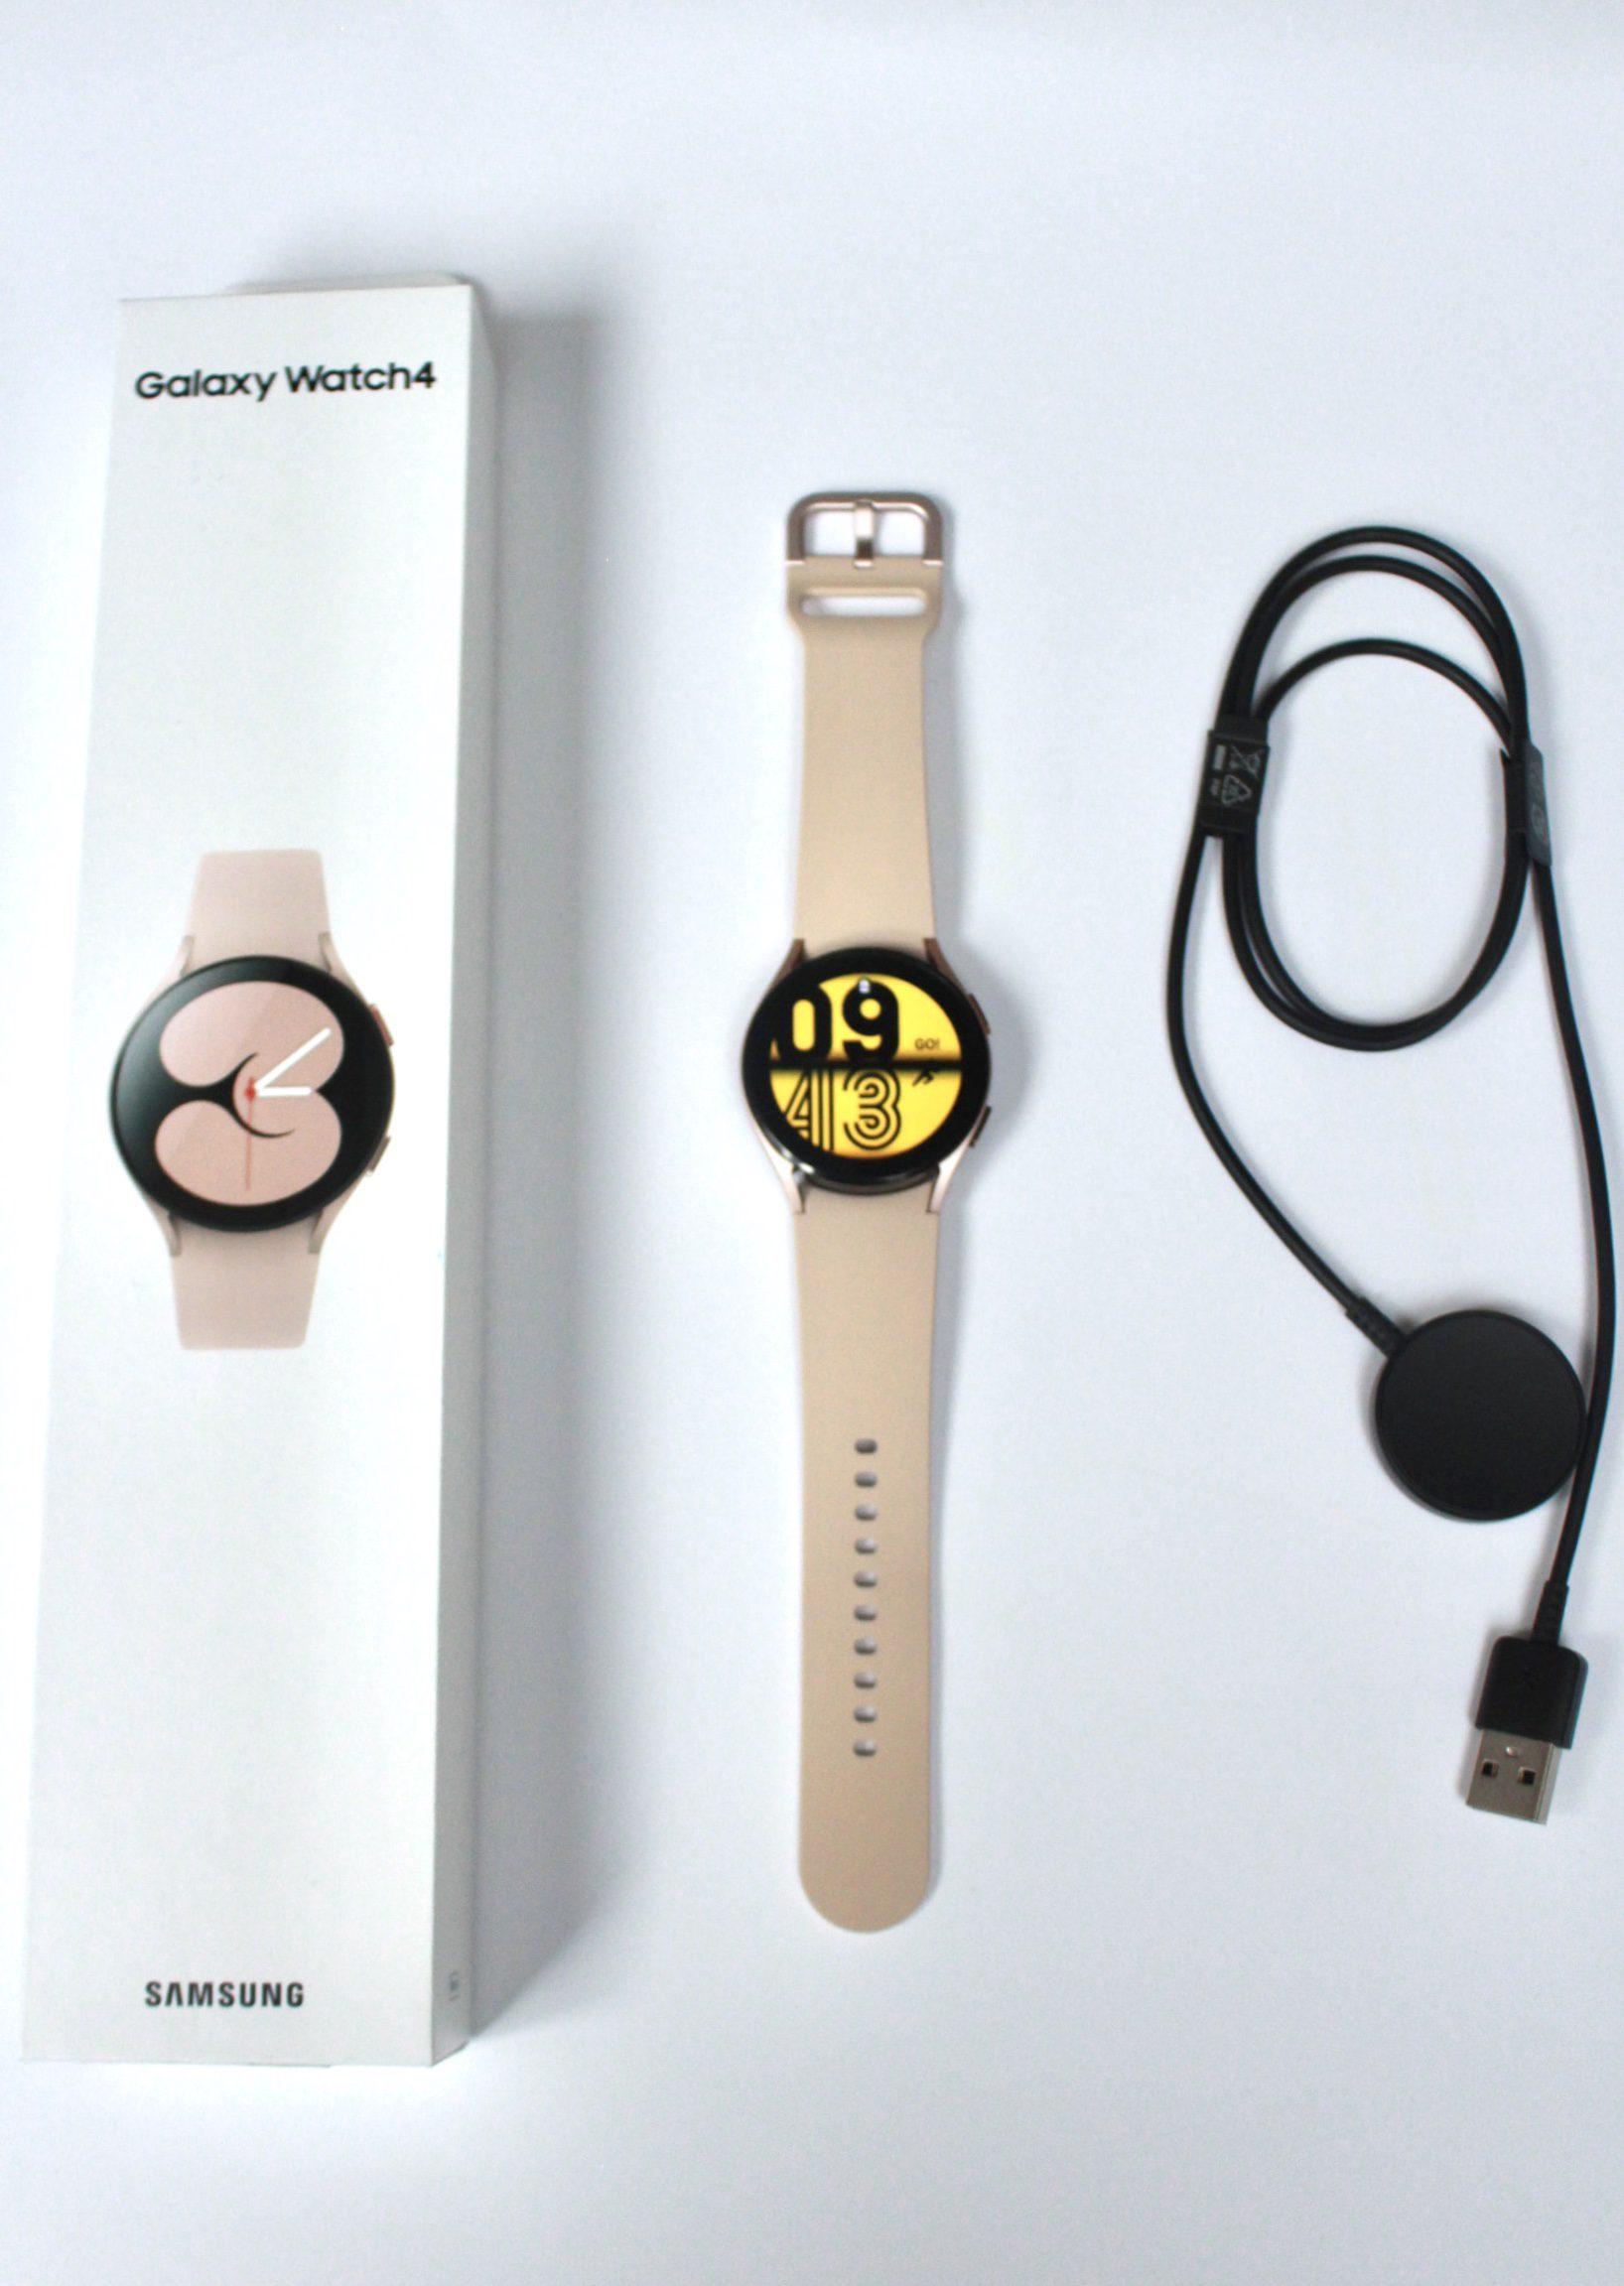 Galaxy Watch 4 pudełko i zestaw